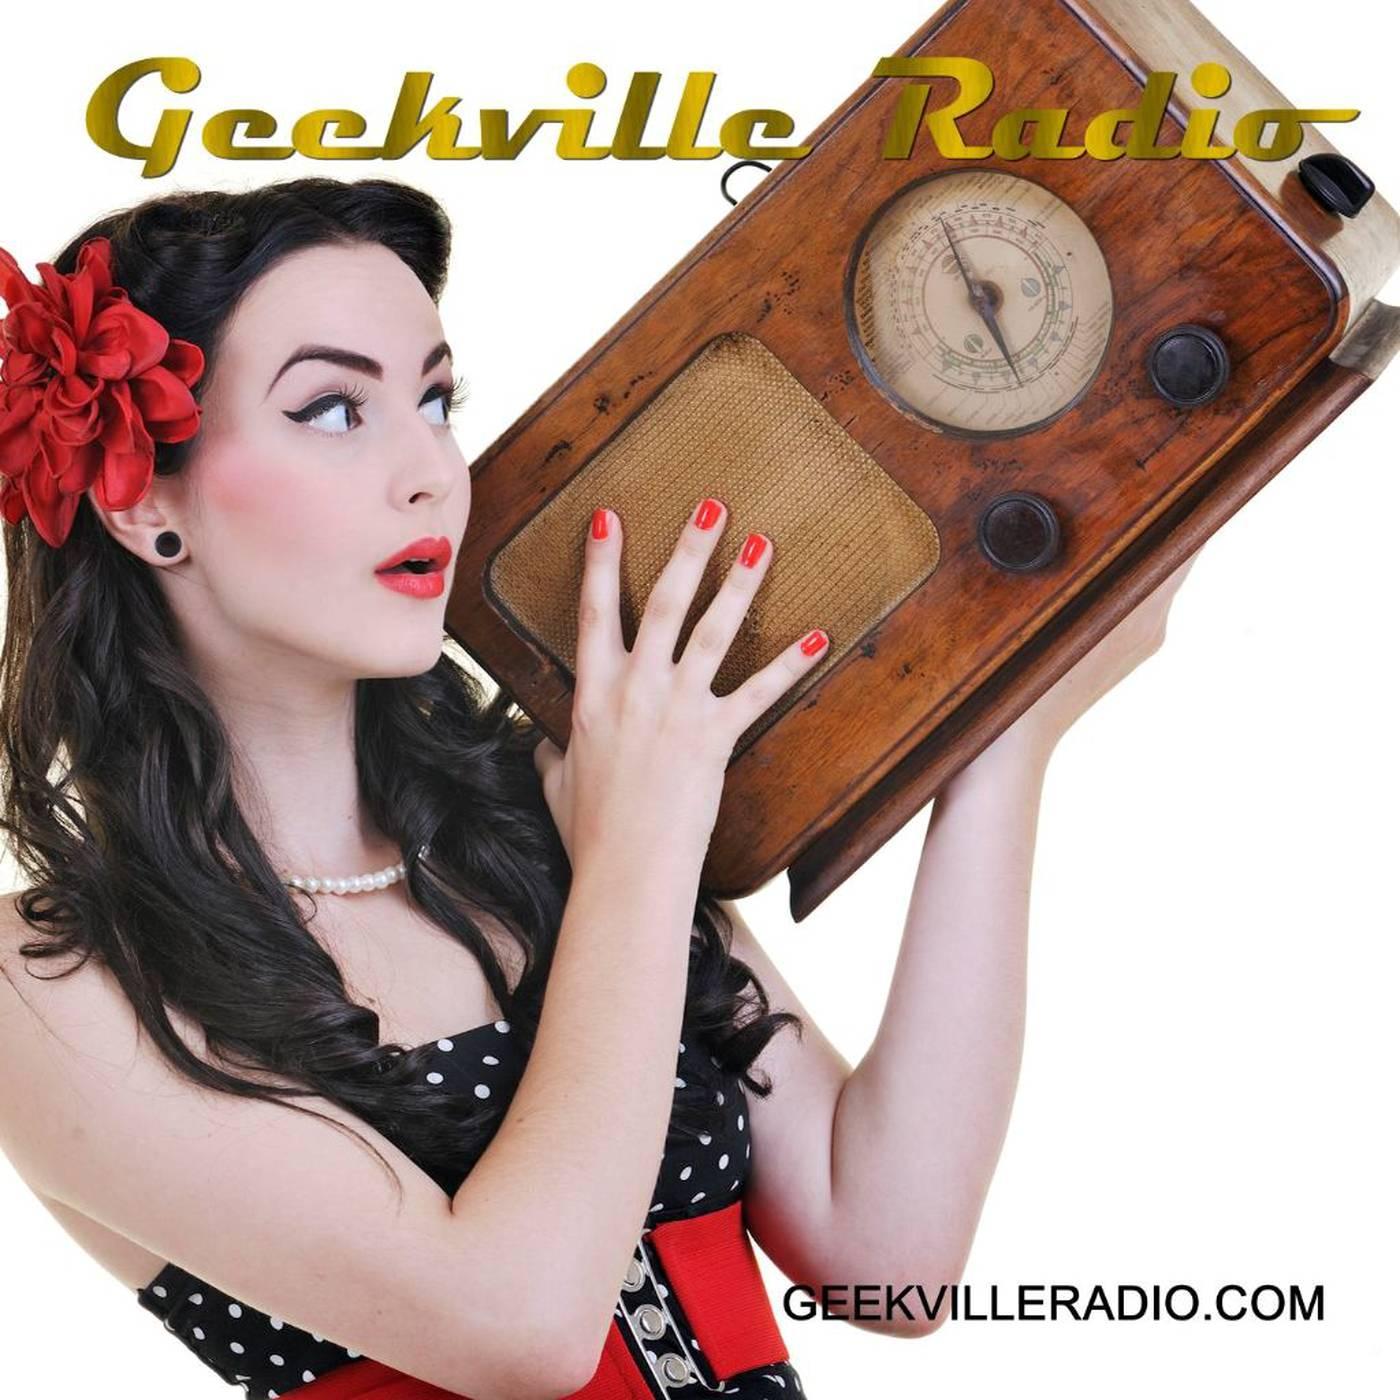 Geekville Radio